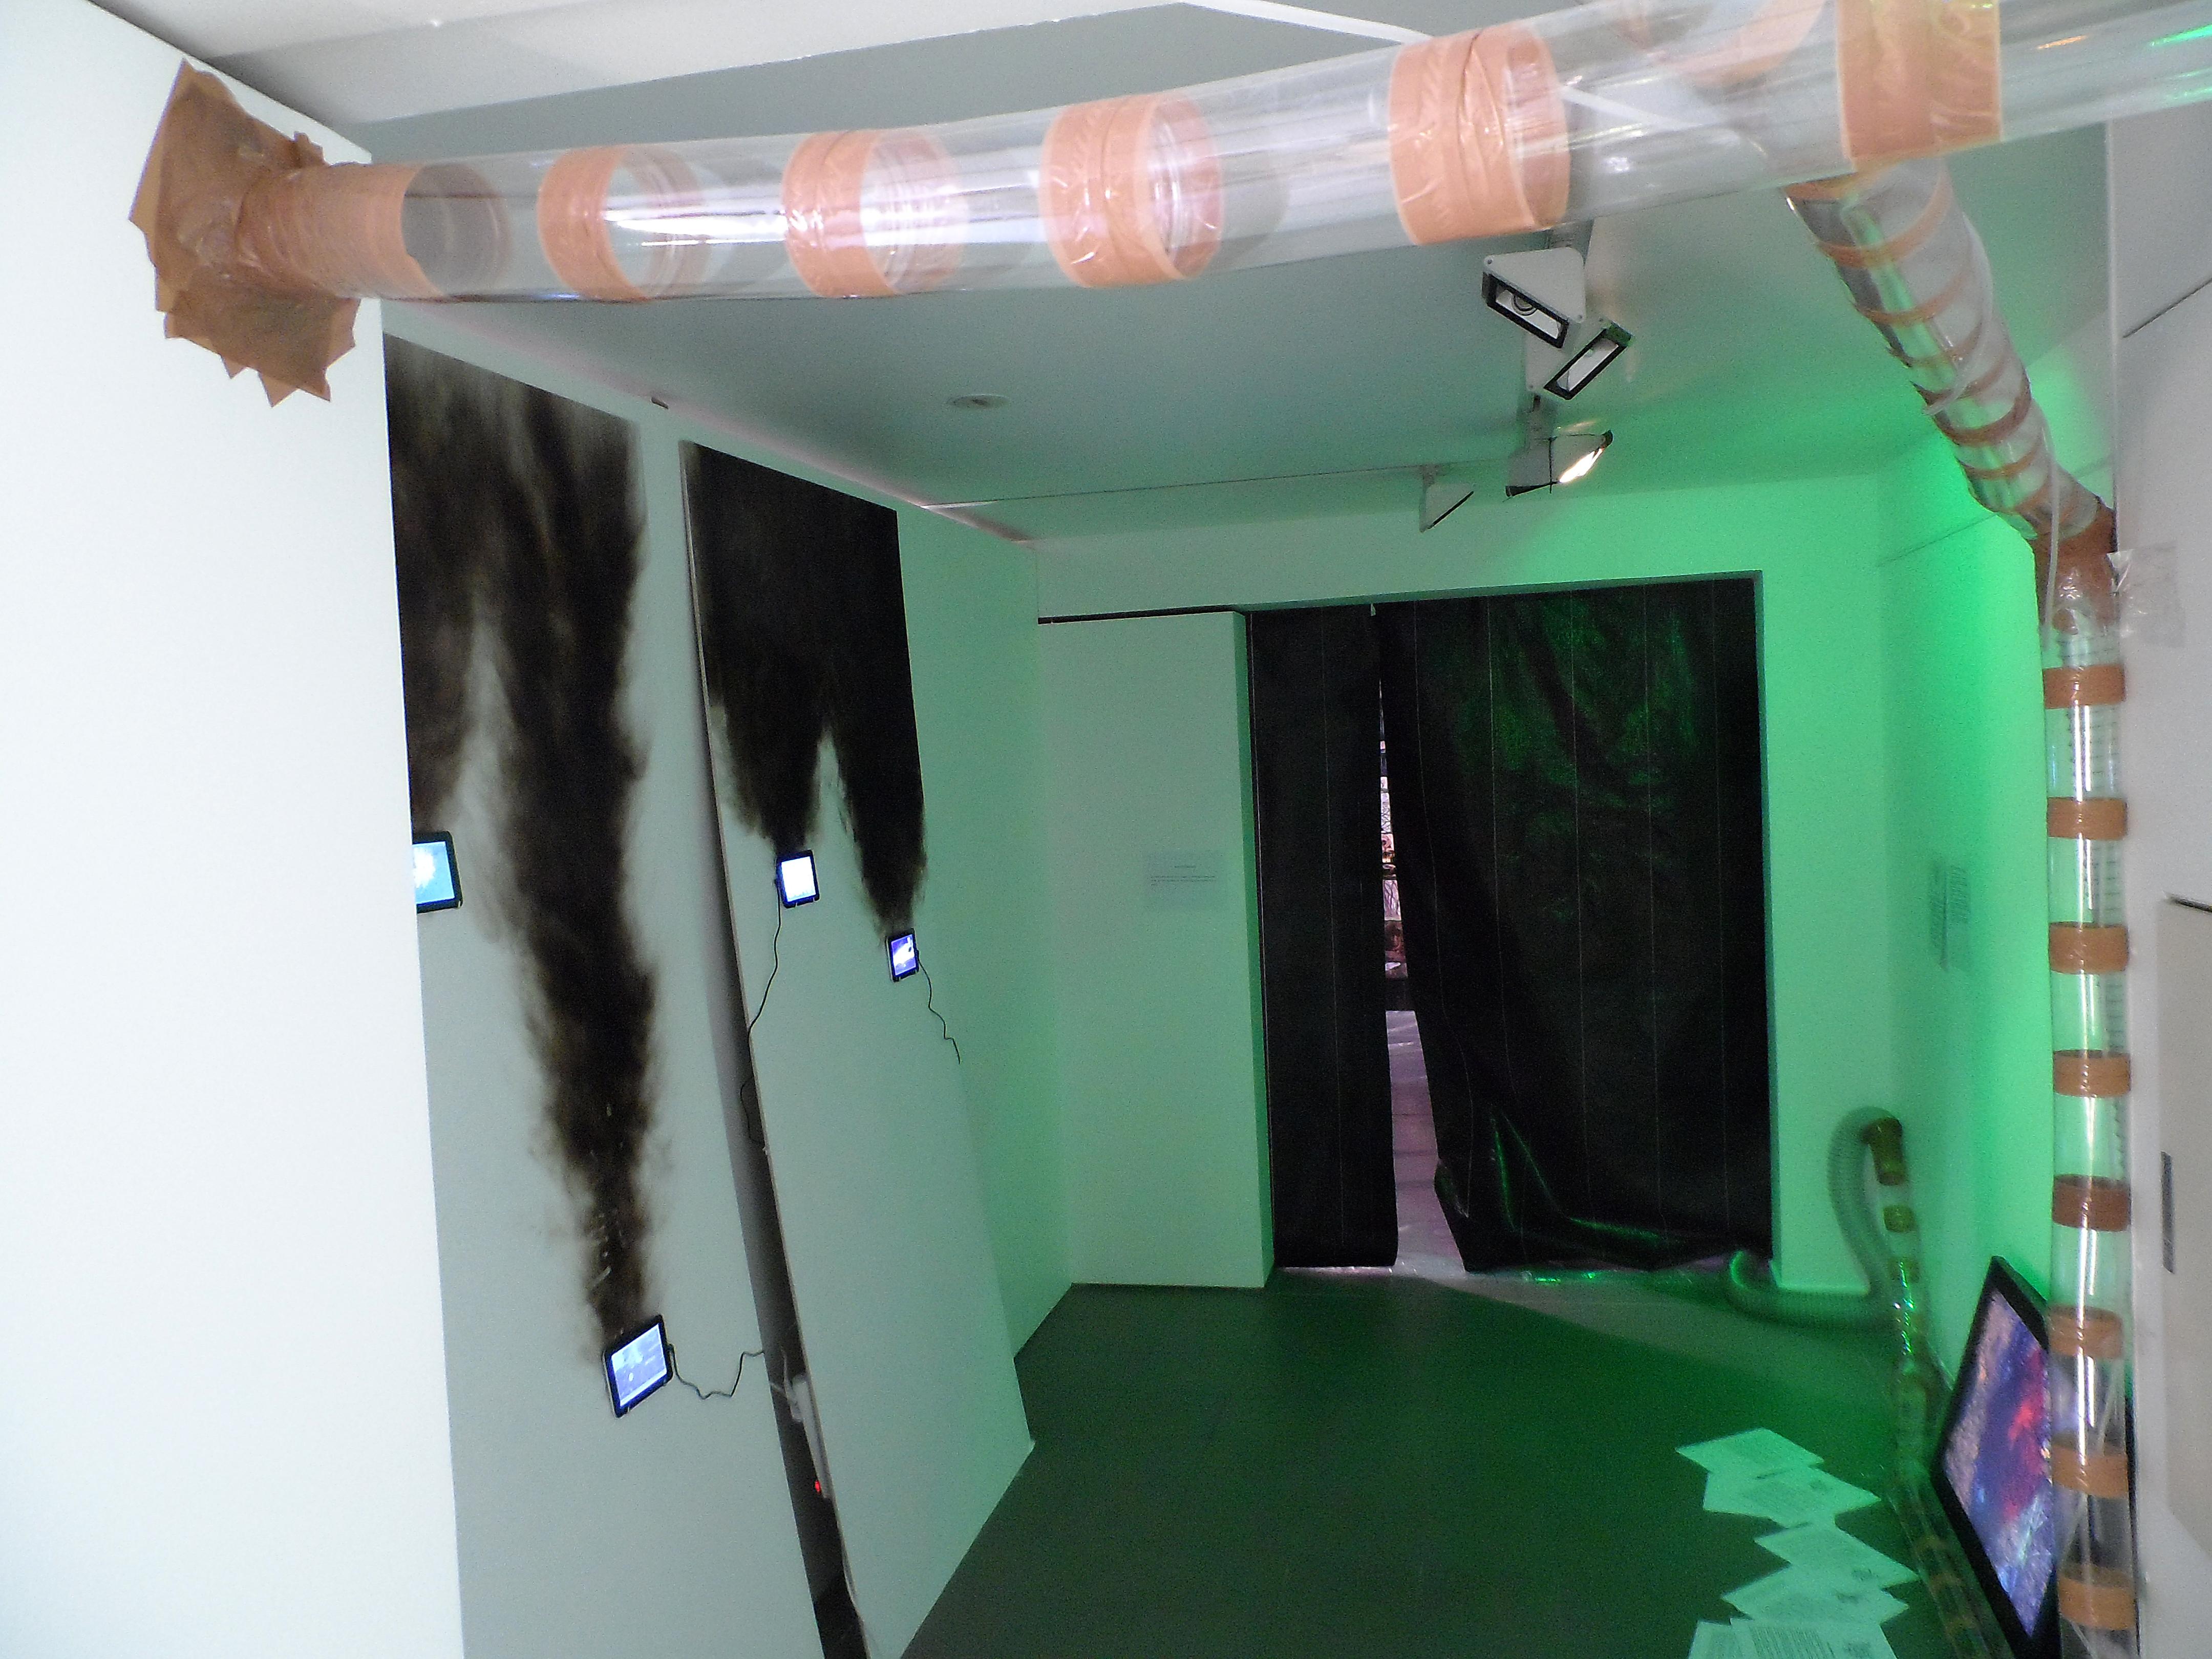 Maciek Chodziński & Maciek Salamon, Roboty ziemne, instalacja, wideo, 2014